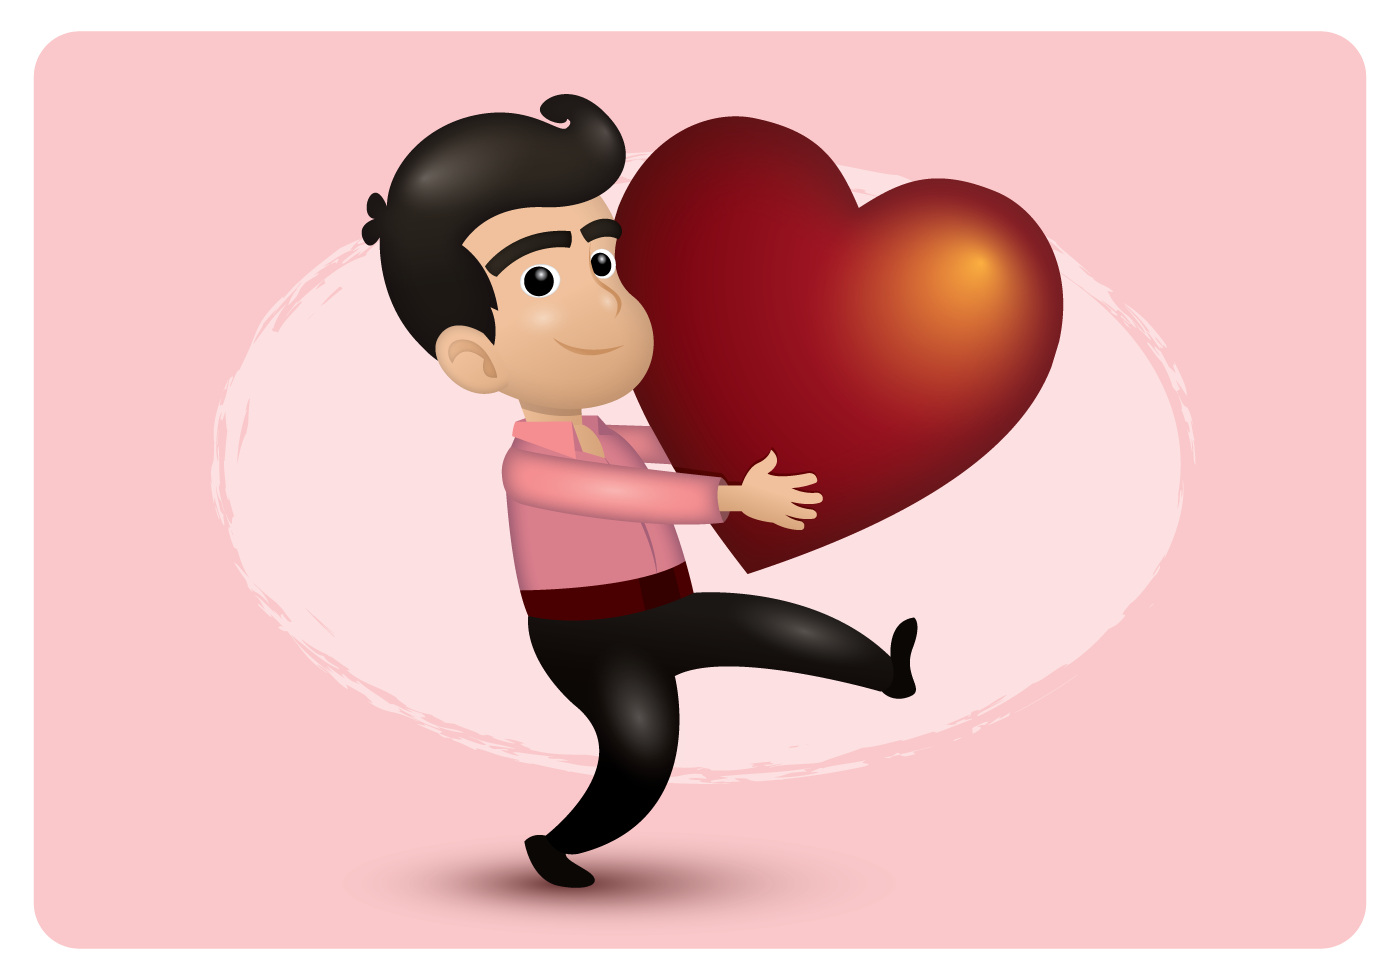 Boy Holding Big Heart - Download Free Vectors, Clipart ...